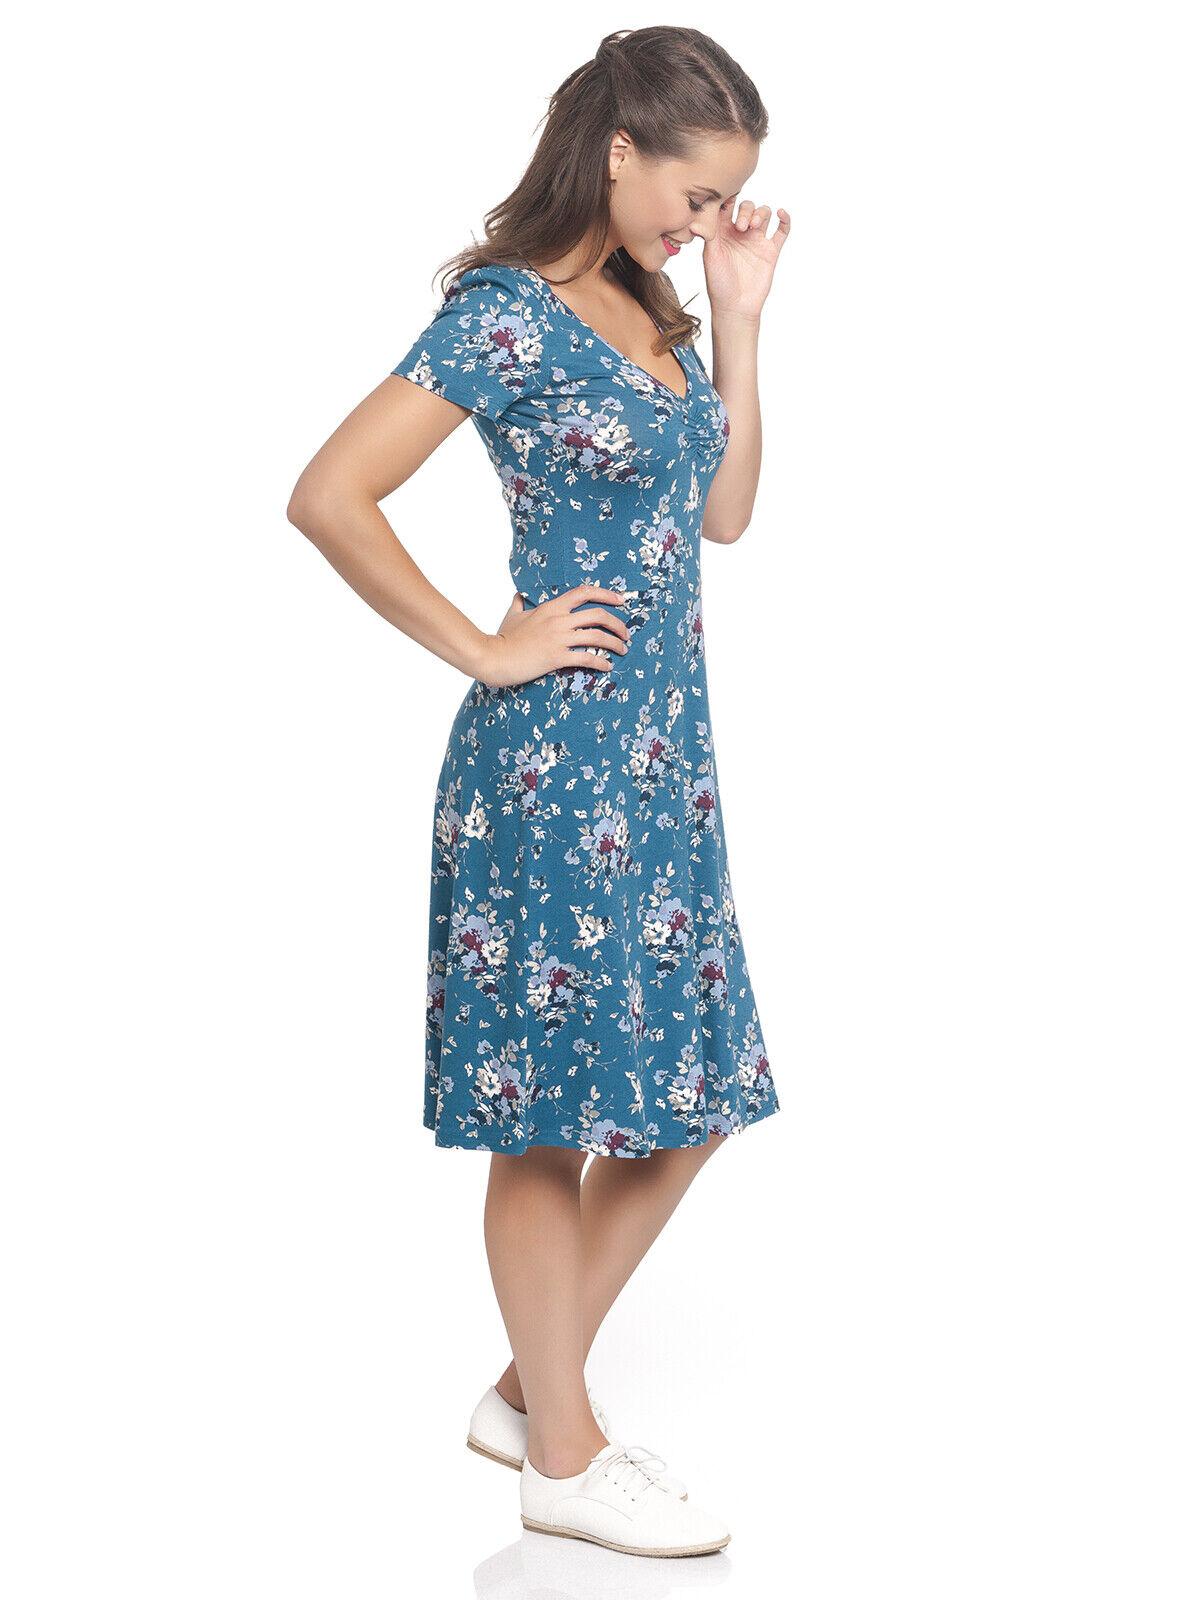 Kleid,  Mon Amour , Marke  Vive Maria, Größe M, XL